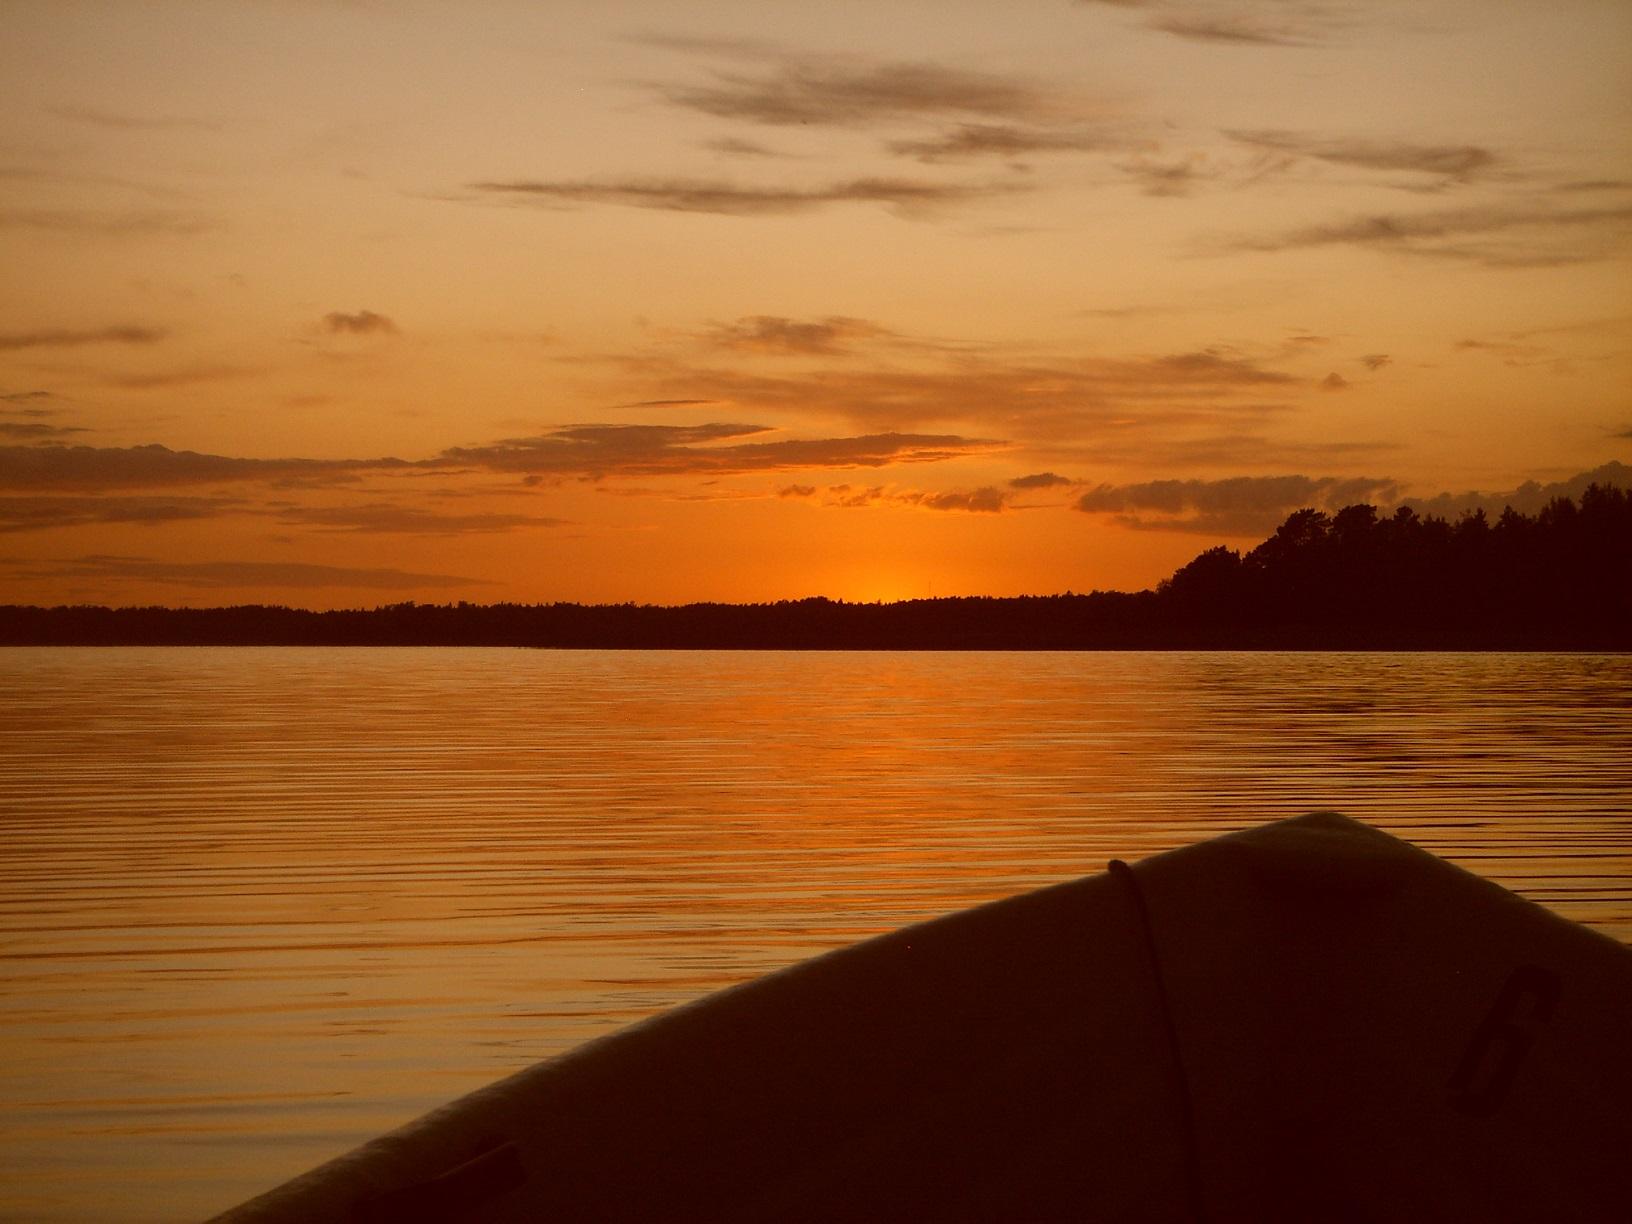 Die Sonne geht unter - ein toller Moment im Ruderboot